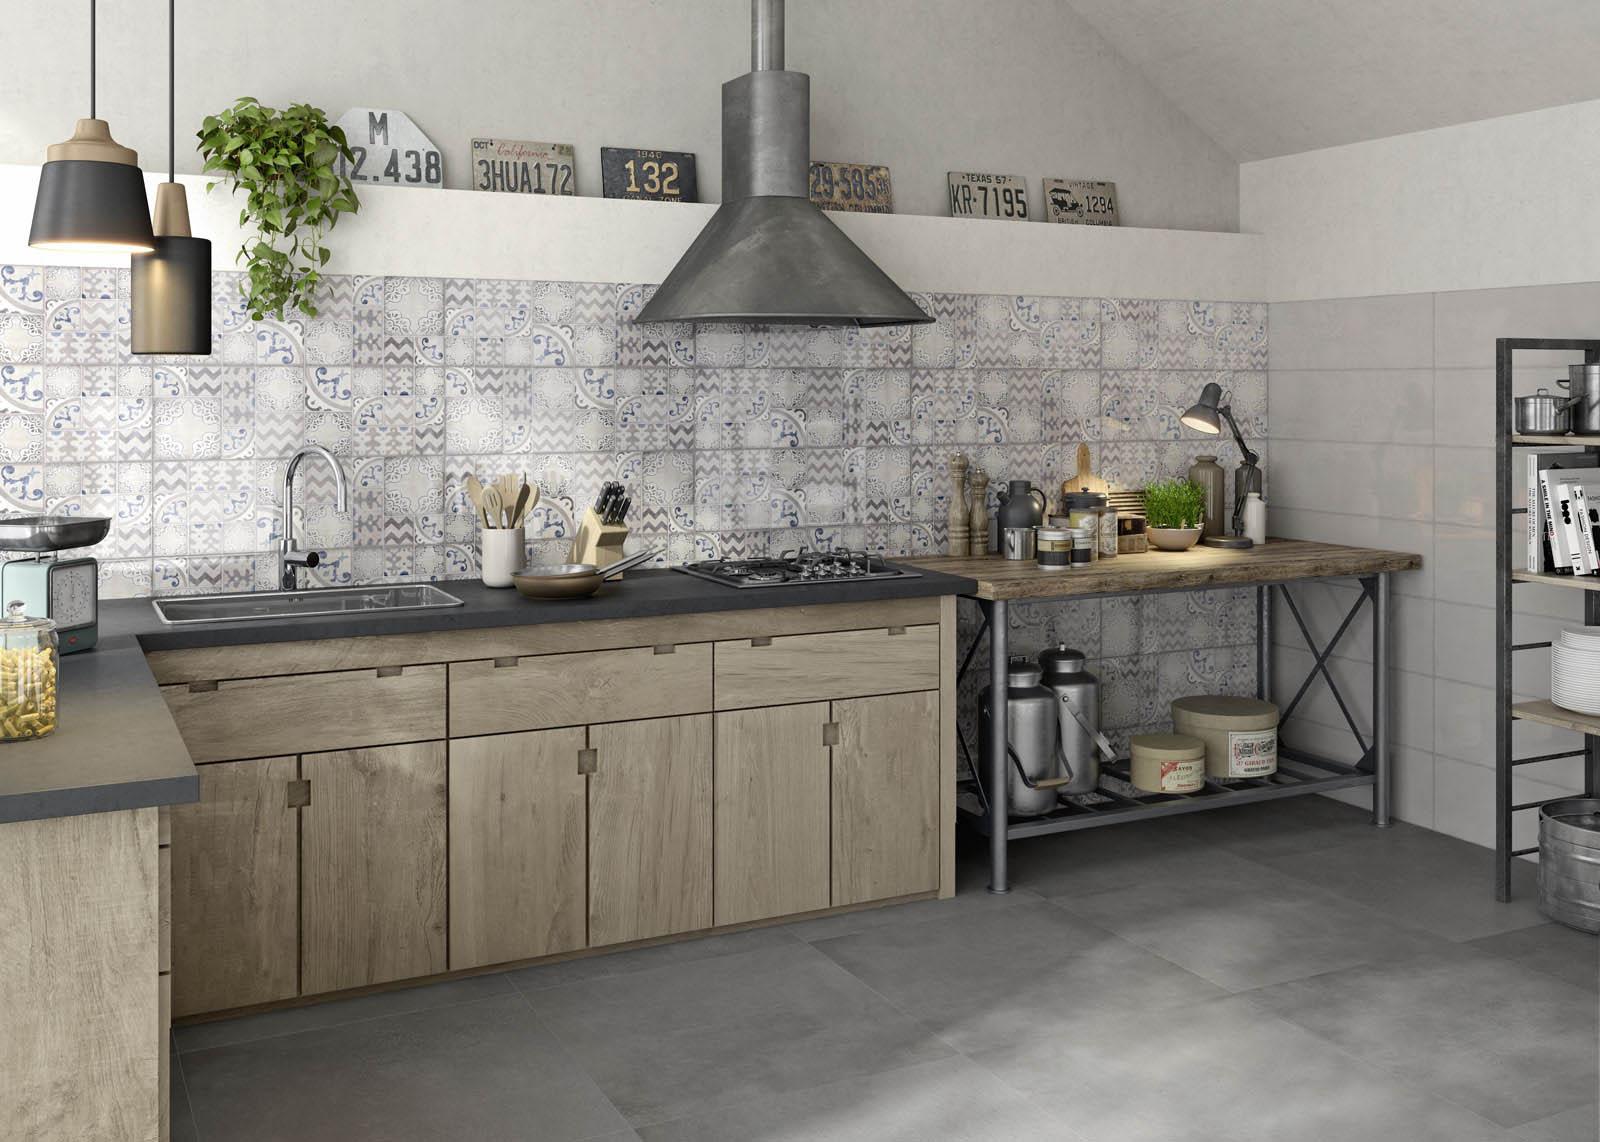 Piastrelle cucina idee in ceramica e gres marazzi for Pannelli di piastrelle per cucina